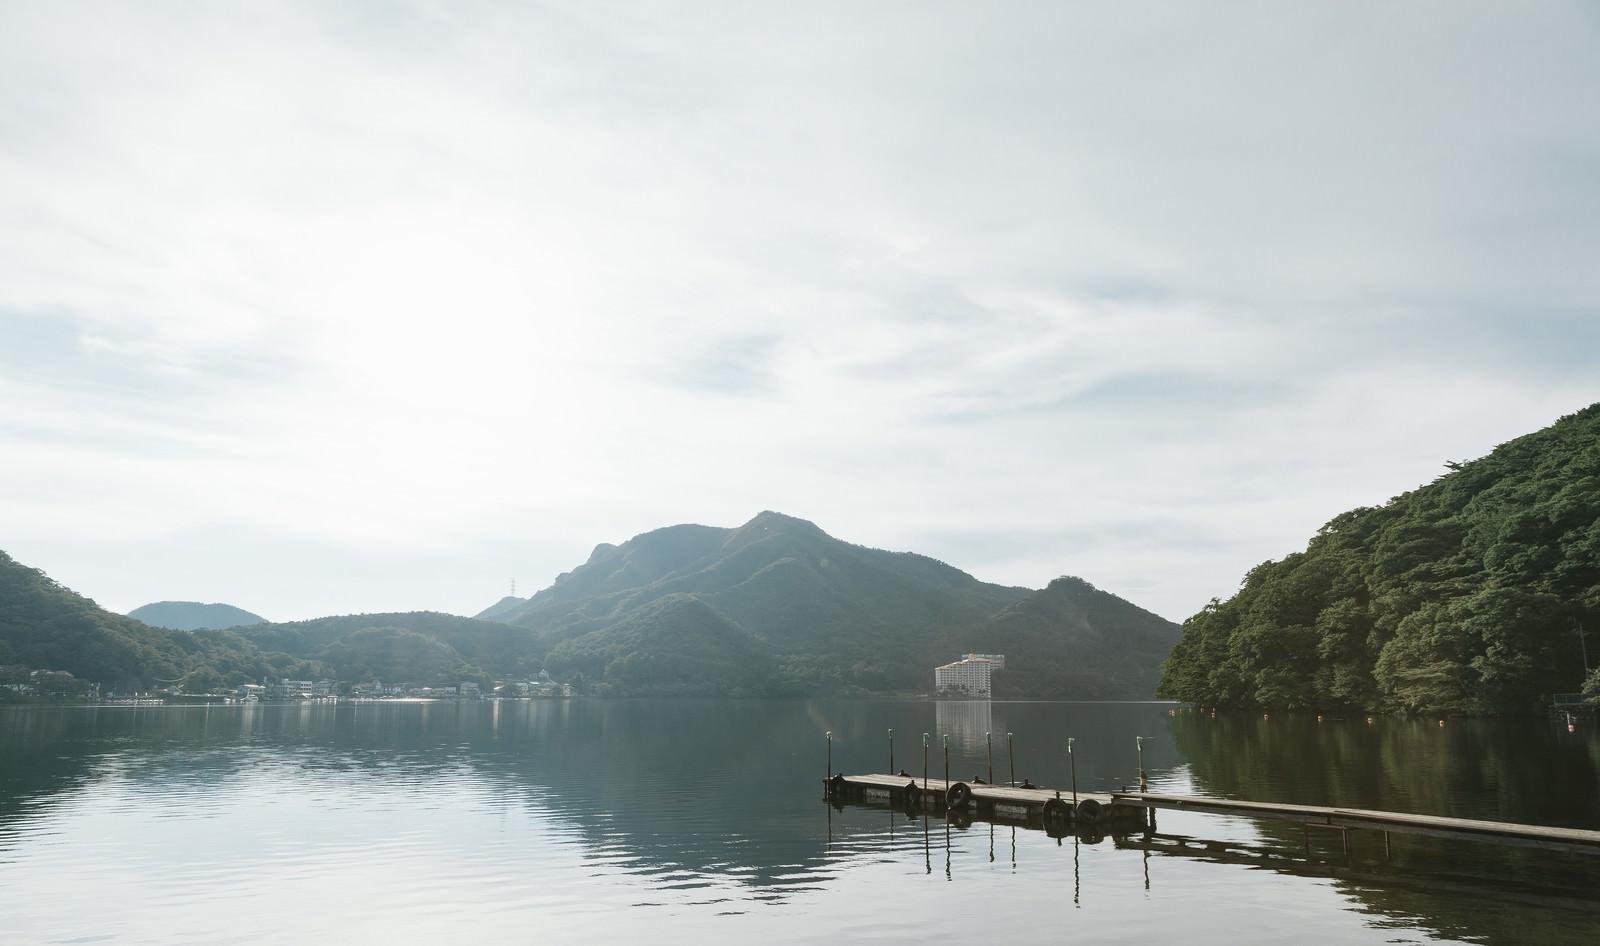 「群馬県西部にある榛名湖」の写真